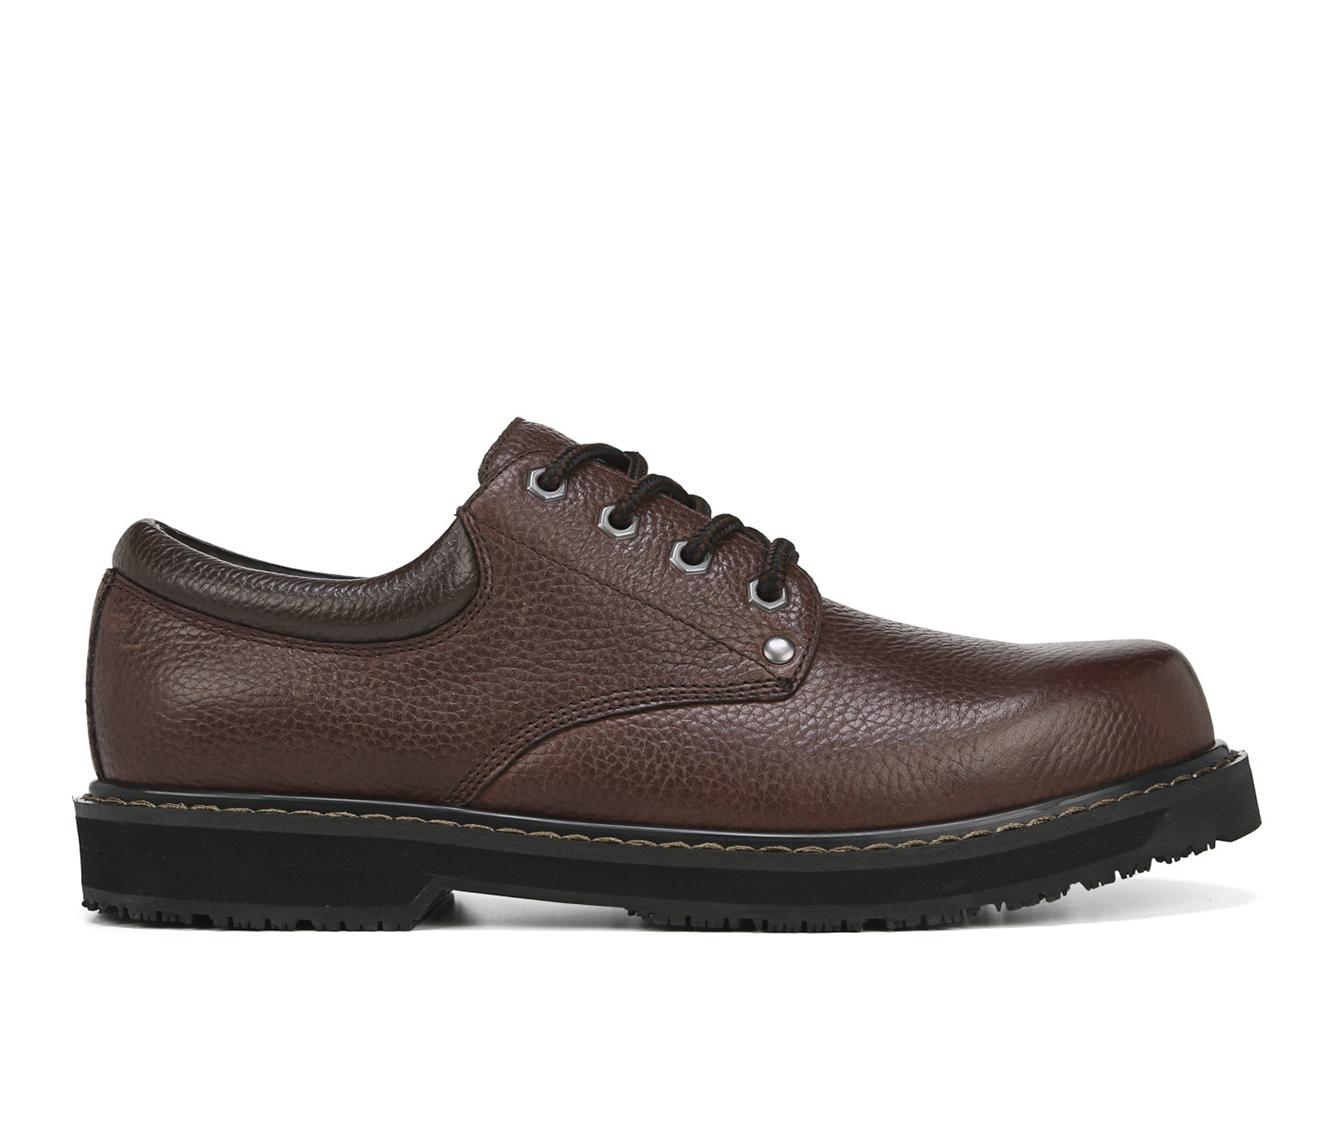 Dr. Scholls Harrington II Men's Boots (Brown Leather)